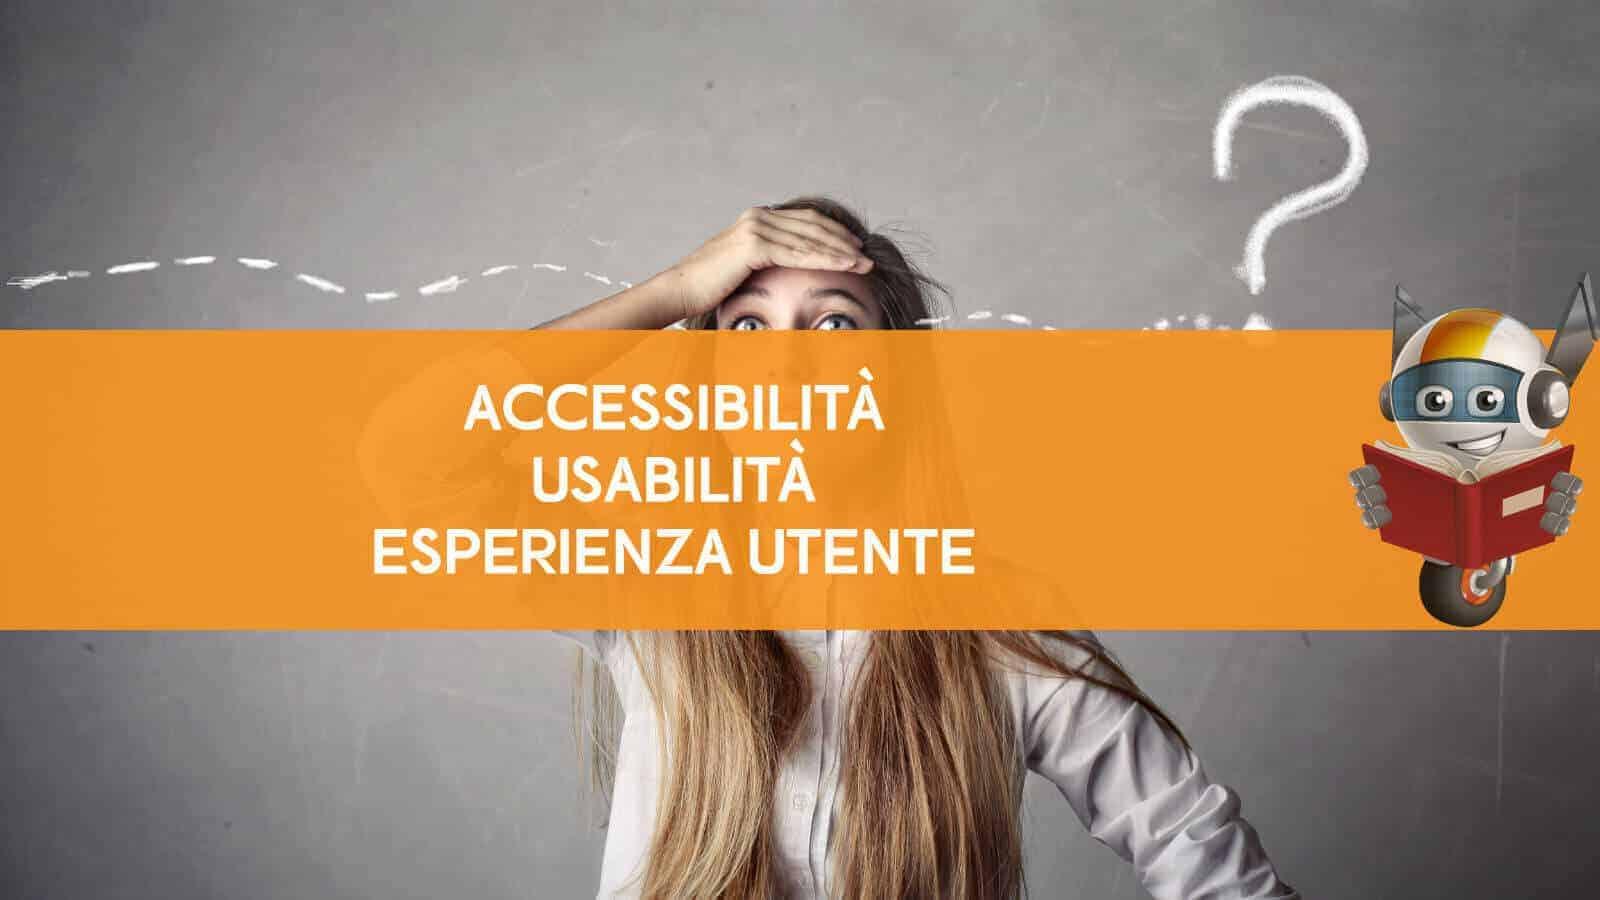 Copertina QD Post 2019-09-04 - Accessibilità Usabilità Esperienza Utente